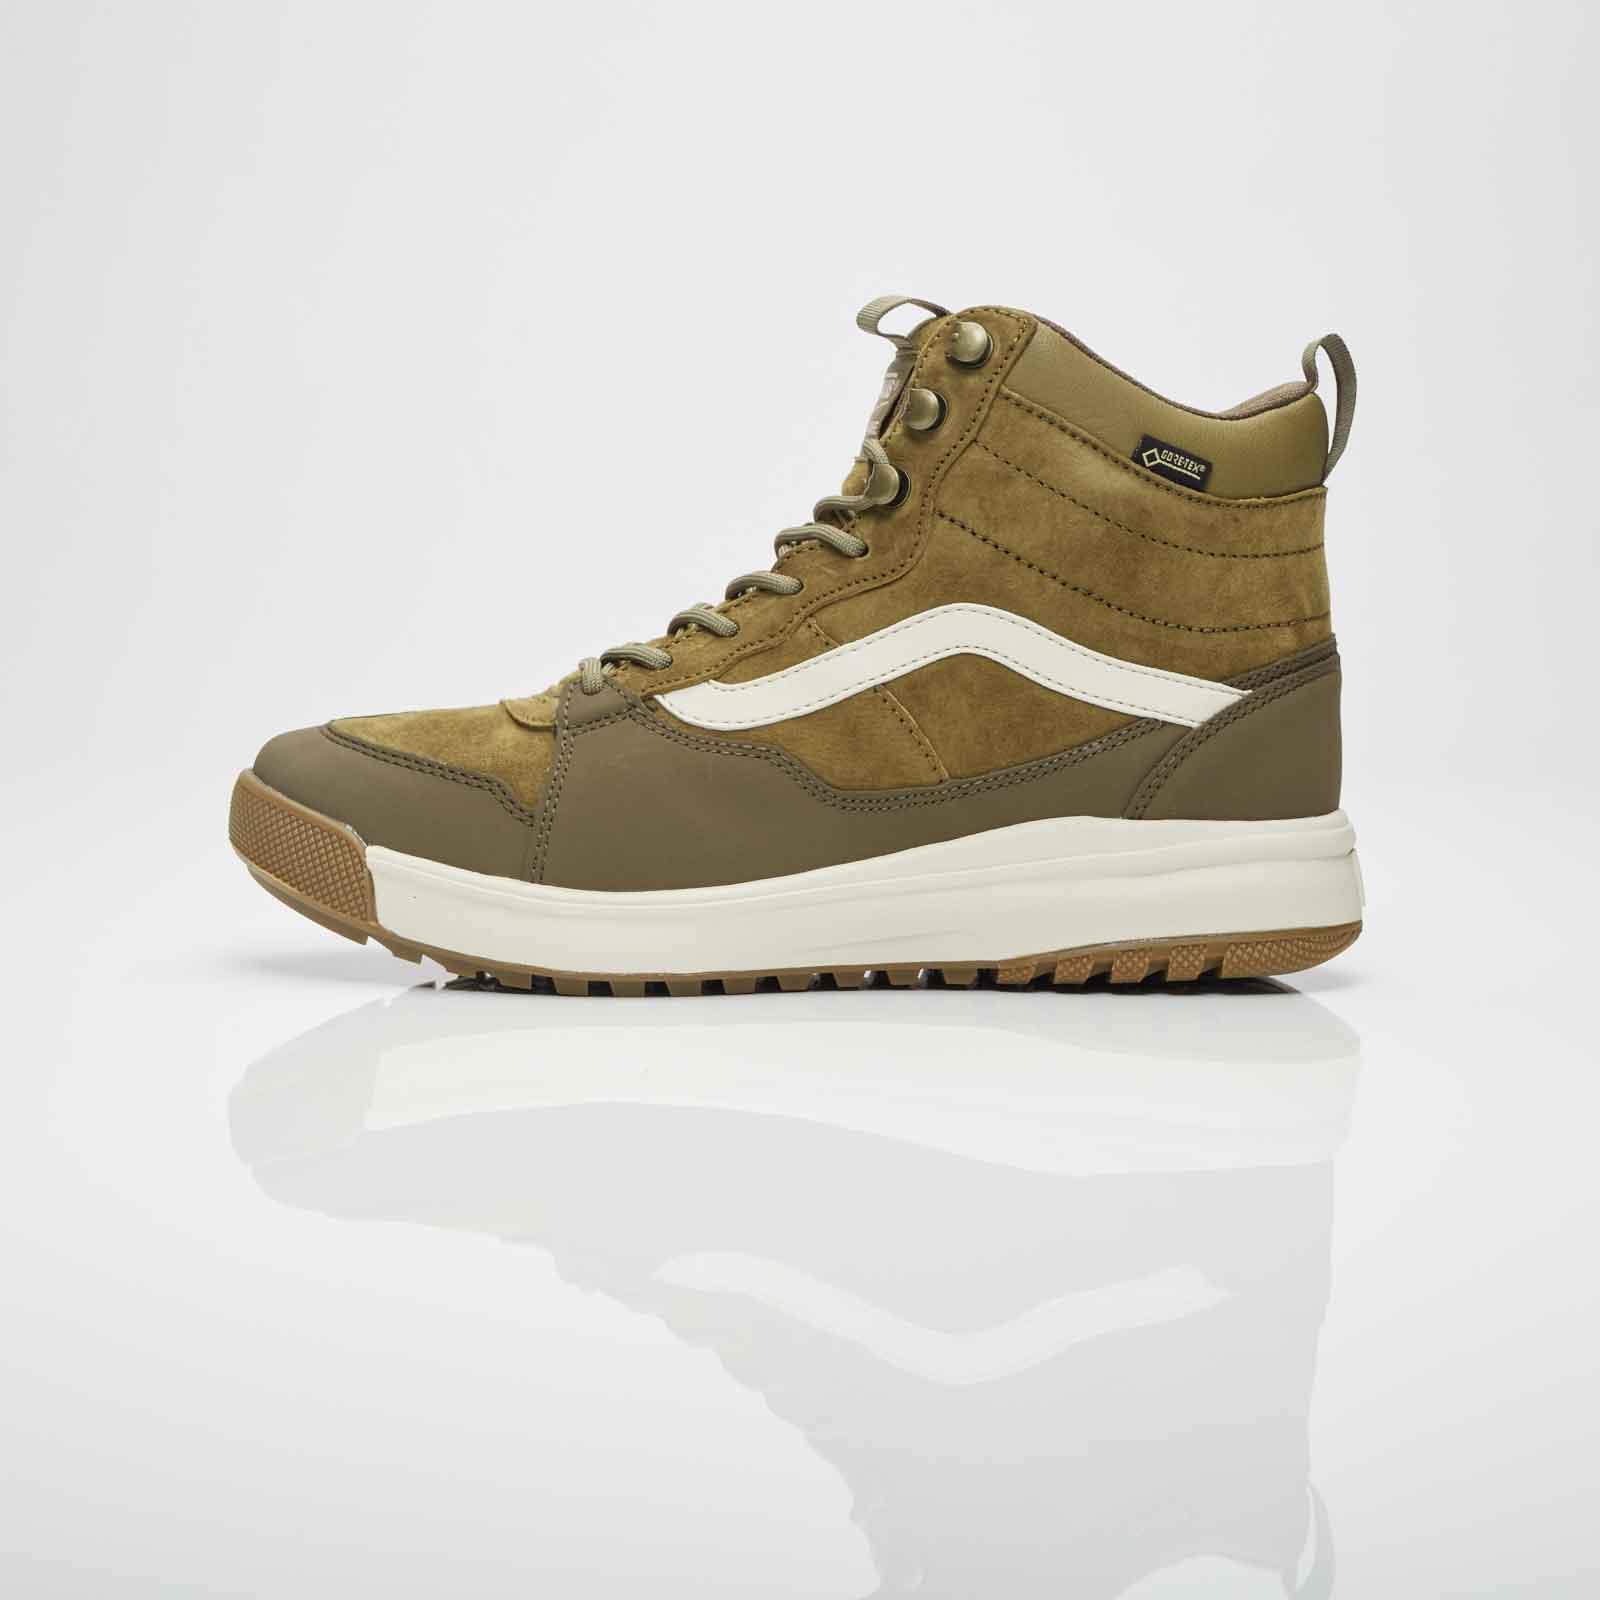 854a37a39d Vans UltraRange Hi Gore-Tex - Vn0a3dp5on4 - Sneakersnstuff ...